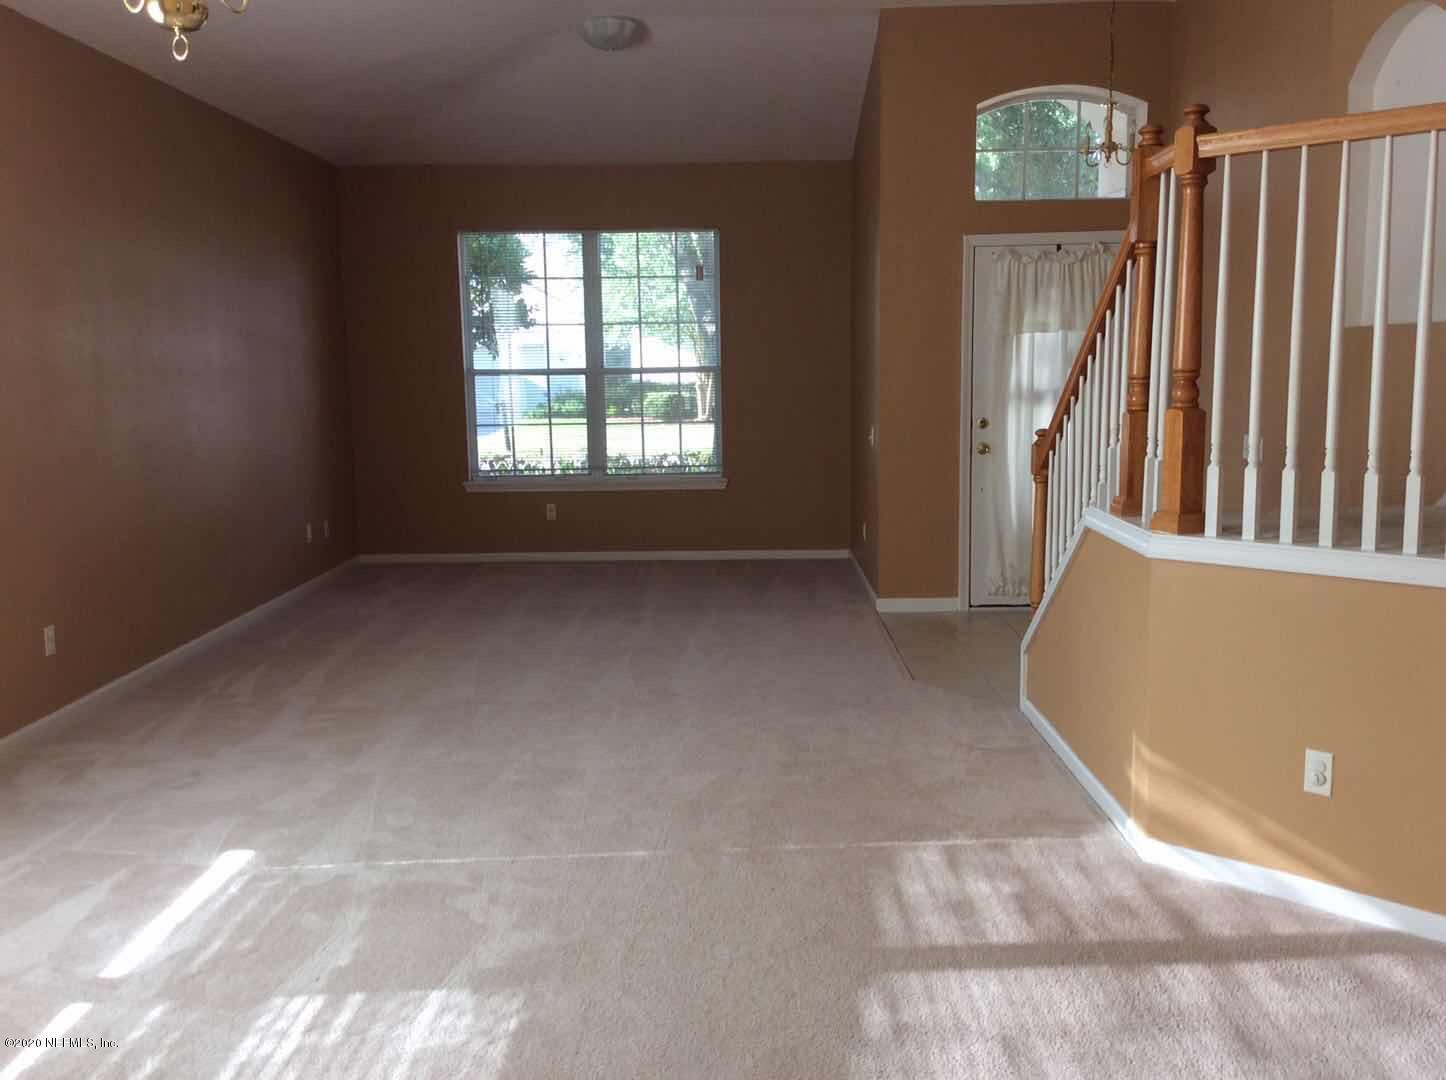 10542 CASTLEBAR GLEN, JACKSONVILLE, FLORIDA 32256, 4 Bedrooms Bedrooms, ,3 BathroomsBathrooms,Rental,For Rent,CASTLEBAR GLEN,1081944